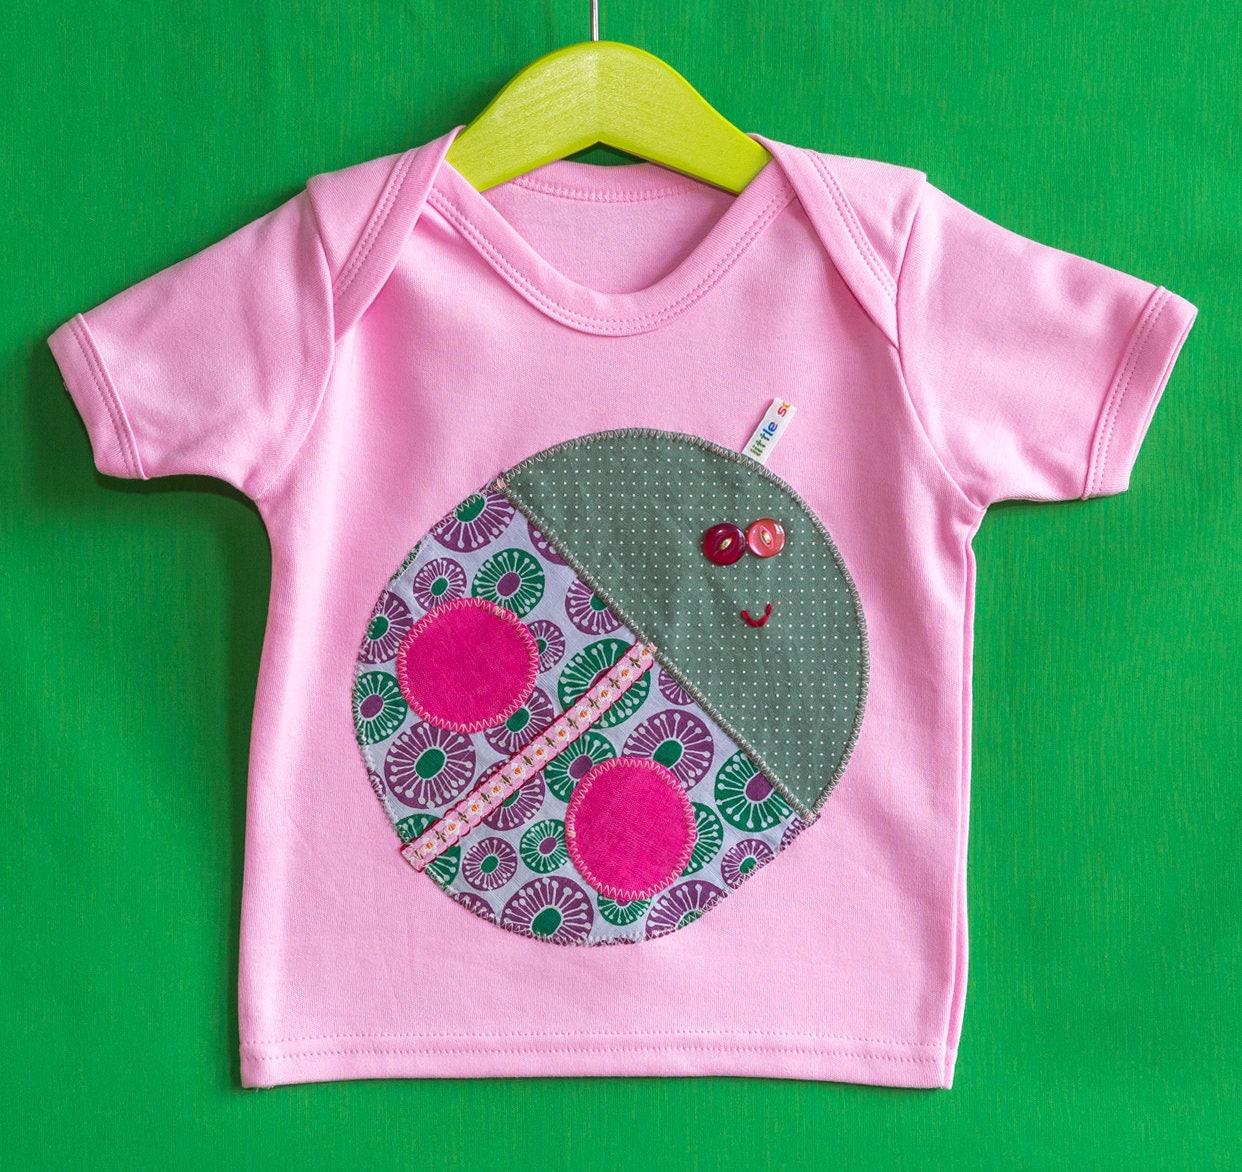 Unique children baby appliqu TShirt Ladybird animal motif 100 cotton 612 months pink girls kids